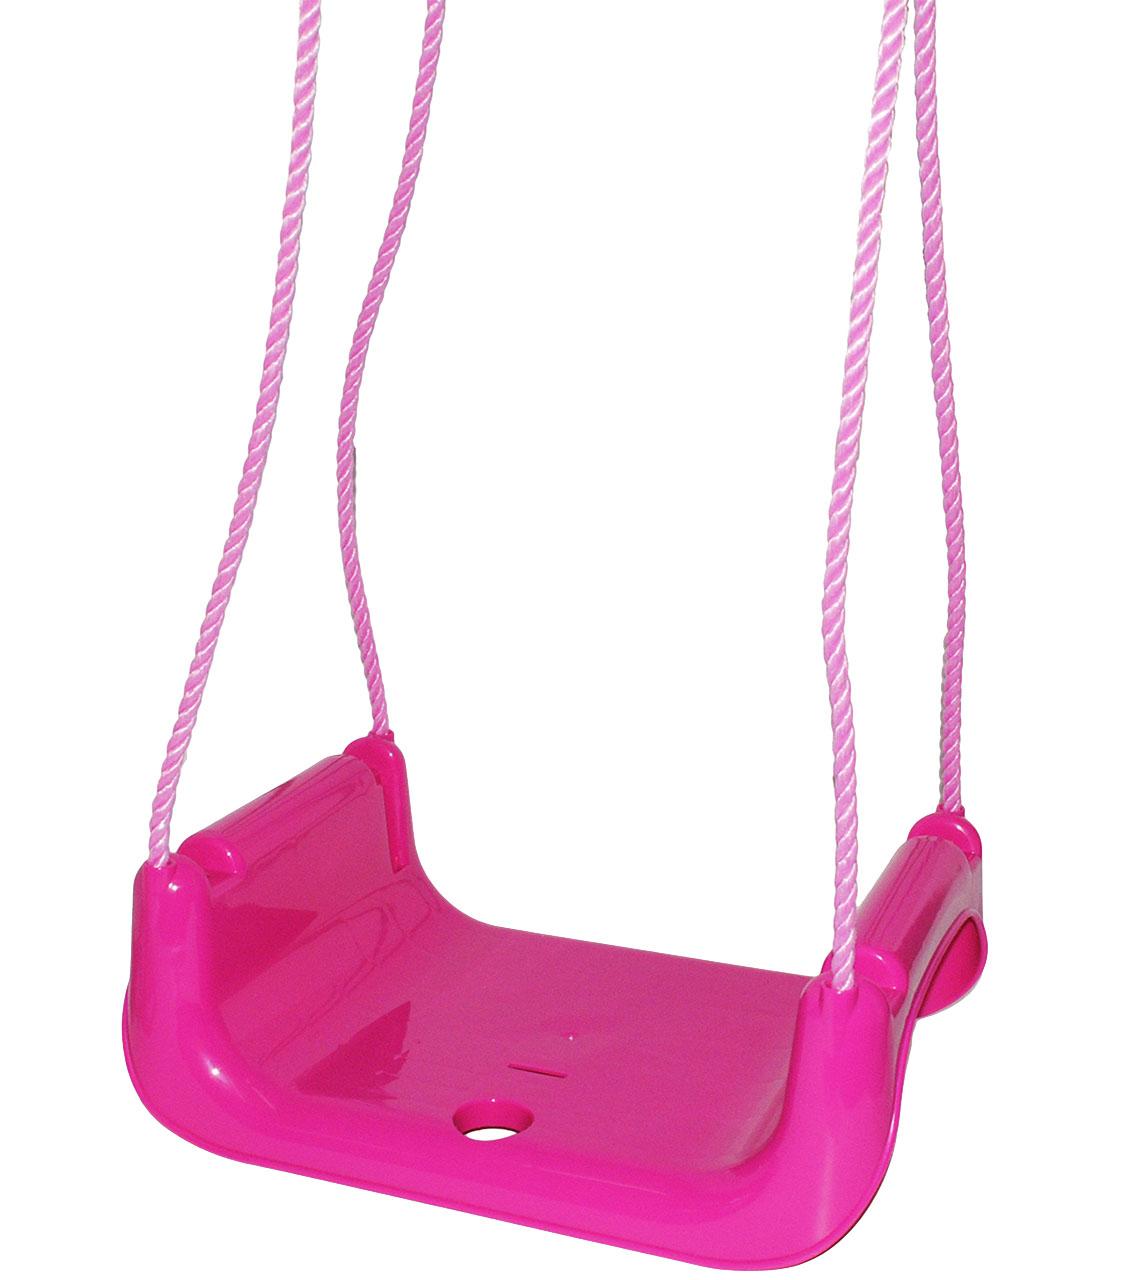 Babyschaukel-gitterschaukel-mitwachsend-amp-de-reequipar-con-cinturon-034-rosa-p miniatura 13